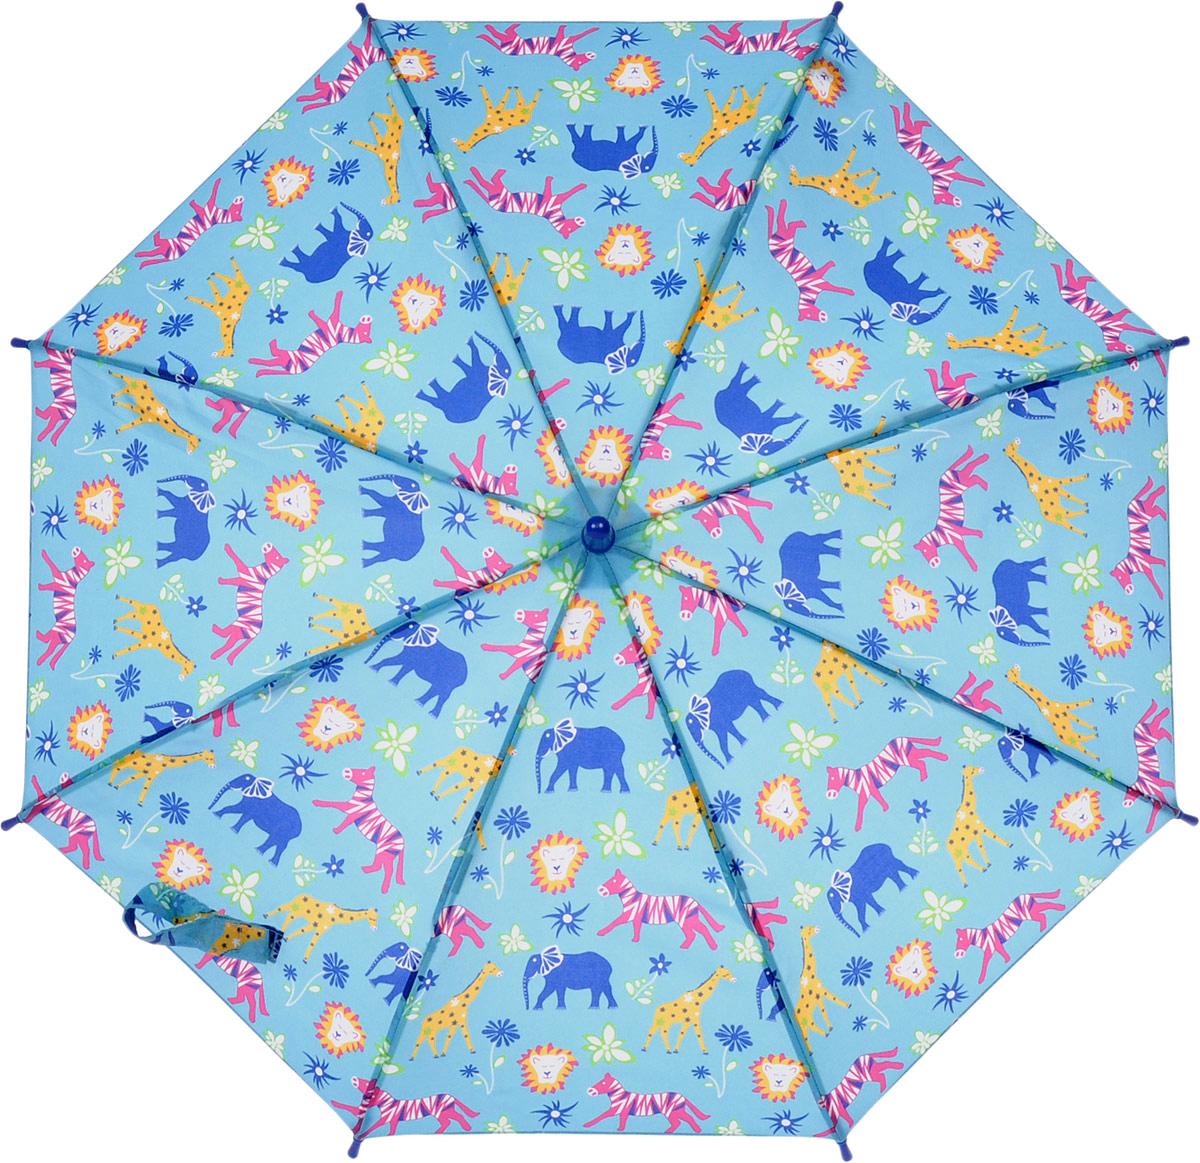 Зонт-трость детский Fulton, механический, цвет: голубой. C724-3390Пуссеты (гвоздики)Яркий механический зонт-трость Fulton даже в ненастную погоду позволит вашему ребенку оставаться стильным. Каркас зонта включает 8 спиц из фибергласса. Стержень изготовлен из прочного алюминия. Купол зонта выполнен из качественного полиэстера.Рукоятка закругленной формы, разработанная с учетом требований эргономики, выполнена из качественного пластика.Зонт механического сложения: купол открывается и закрывается вручную до характерного щелчка. Такой зонт не только надежно защитит вас от дождя, но и станет стильным аксессуаром, который идеально подчеркнет ваш неповторимый образ.